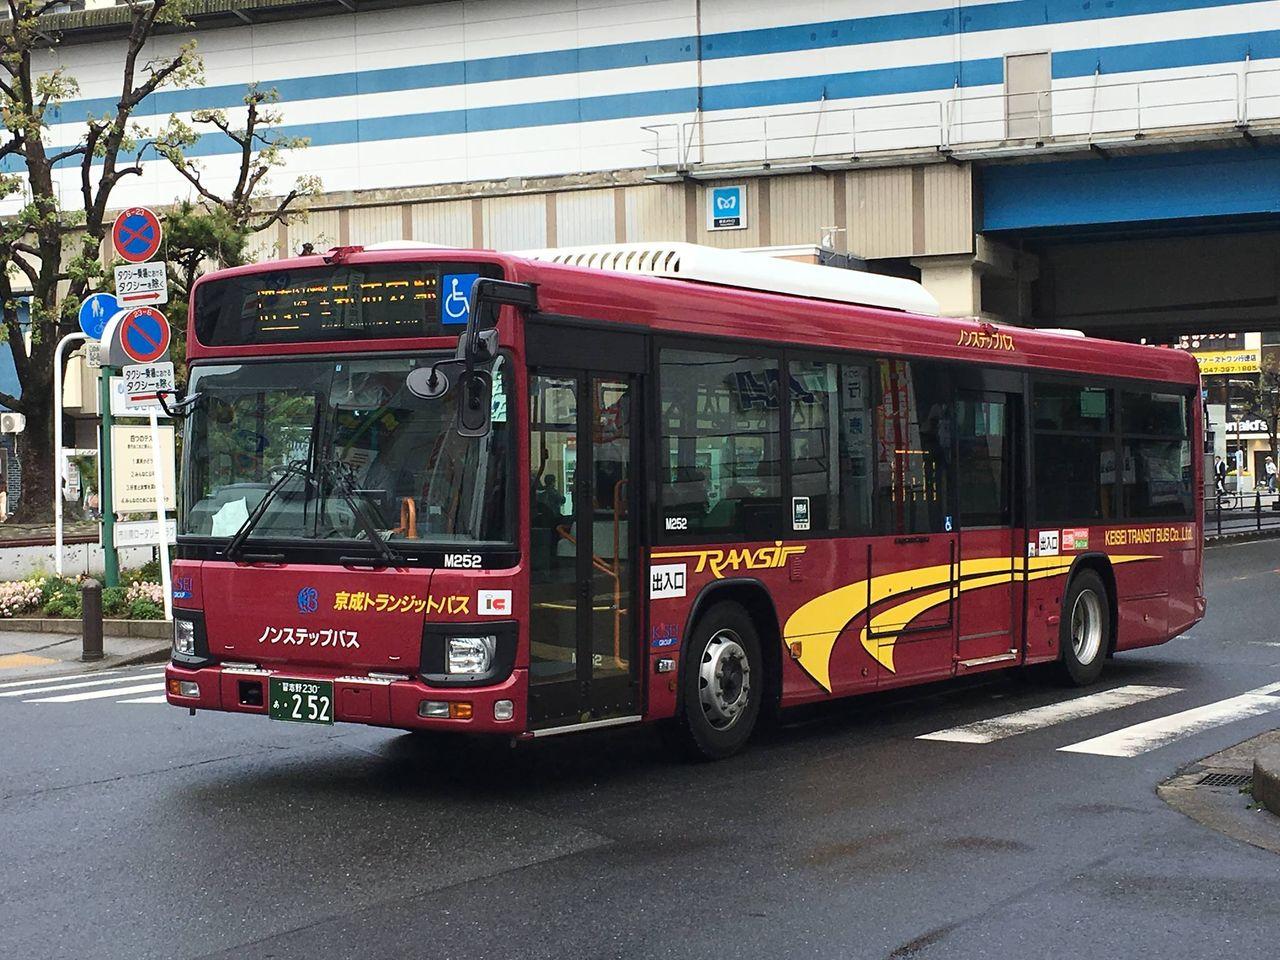 バス 京成 トランジット 読み(50音)から探す 路線バスのご案内 京成トランジットバス